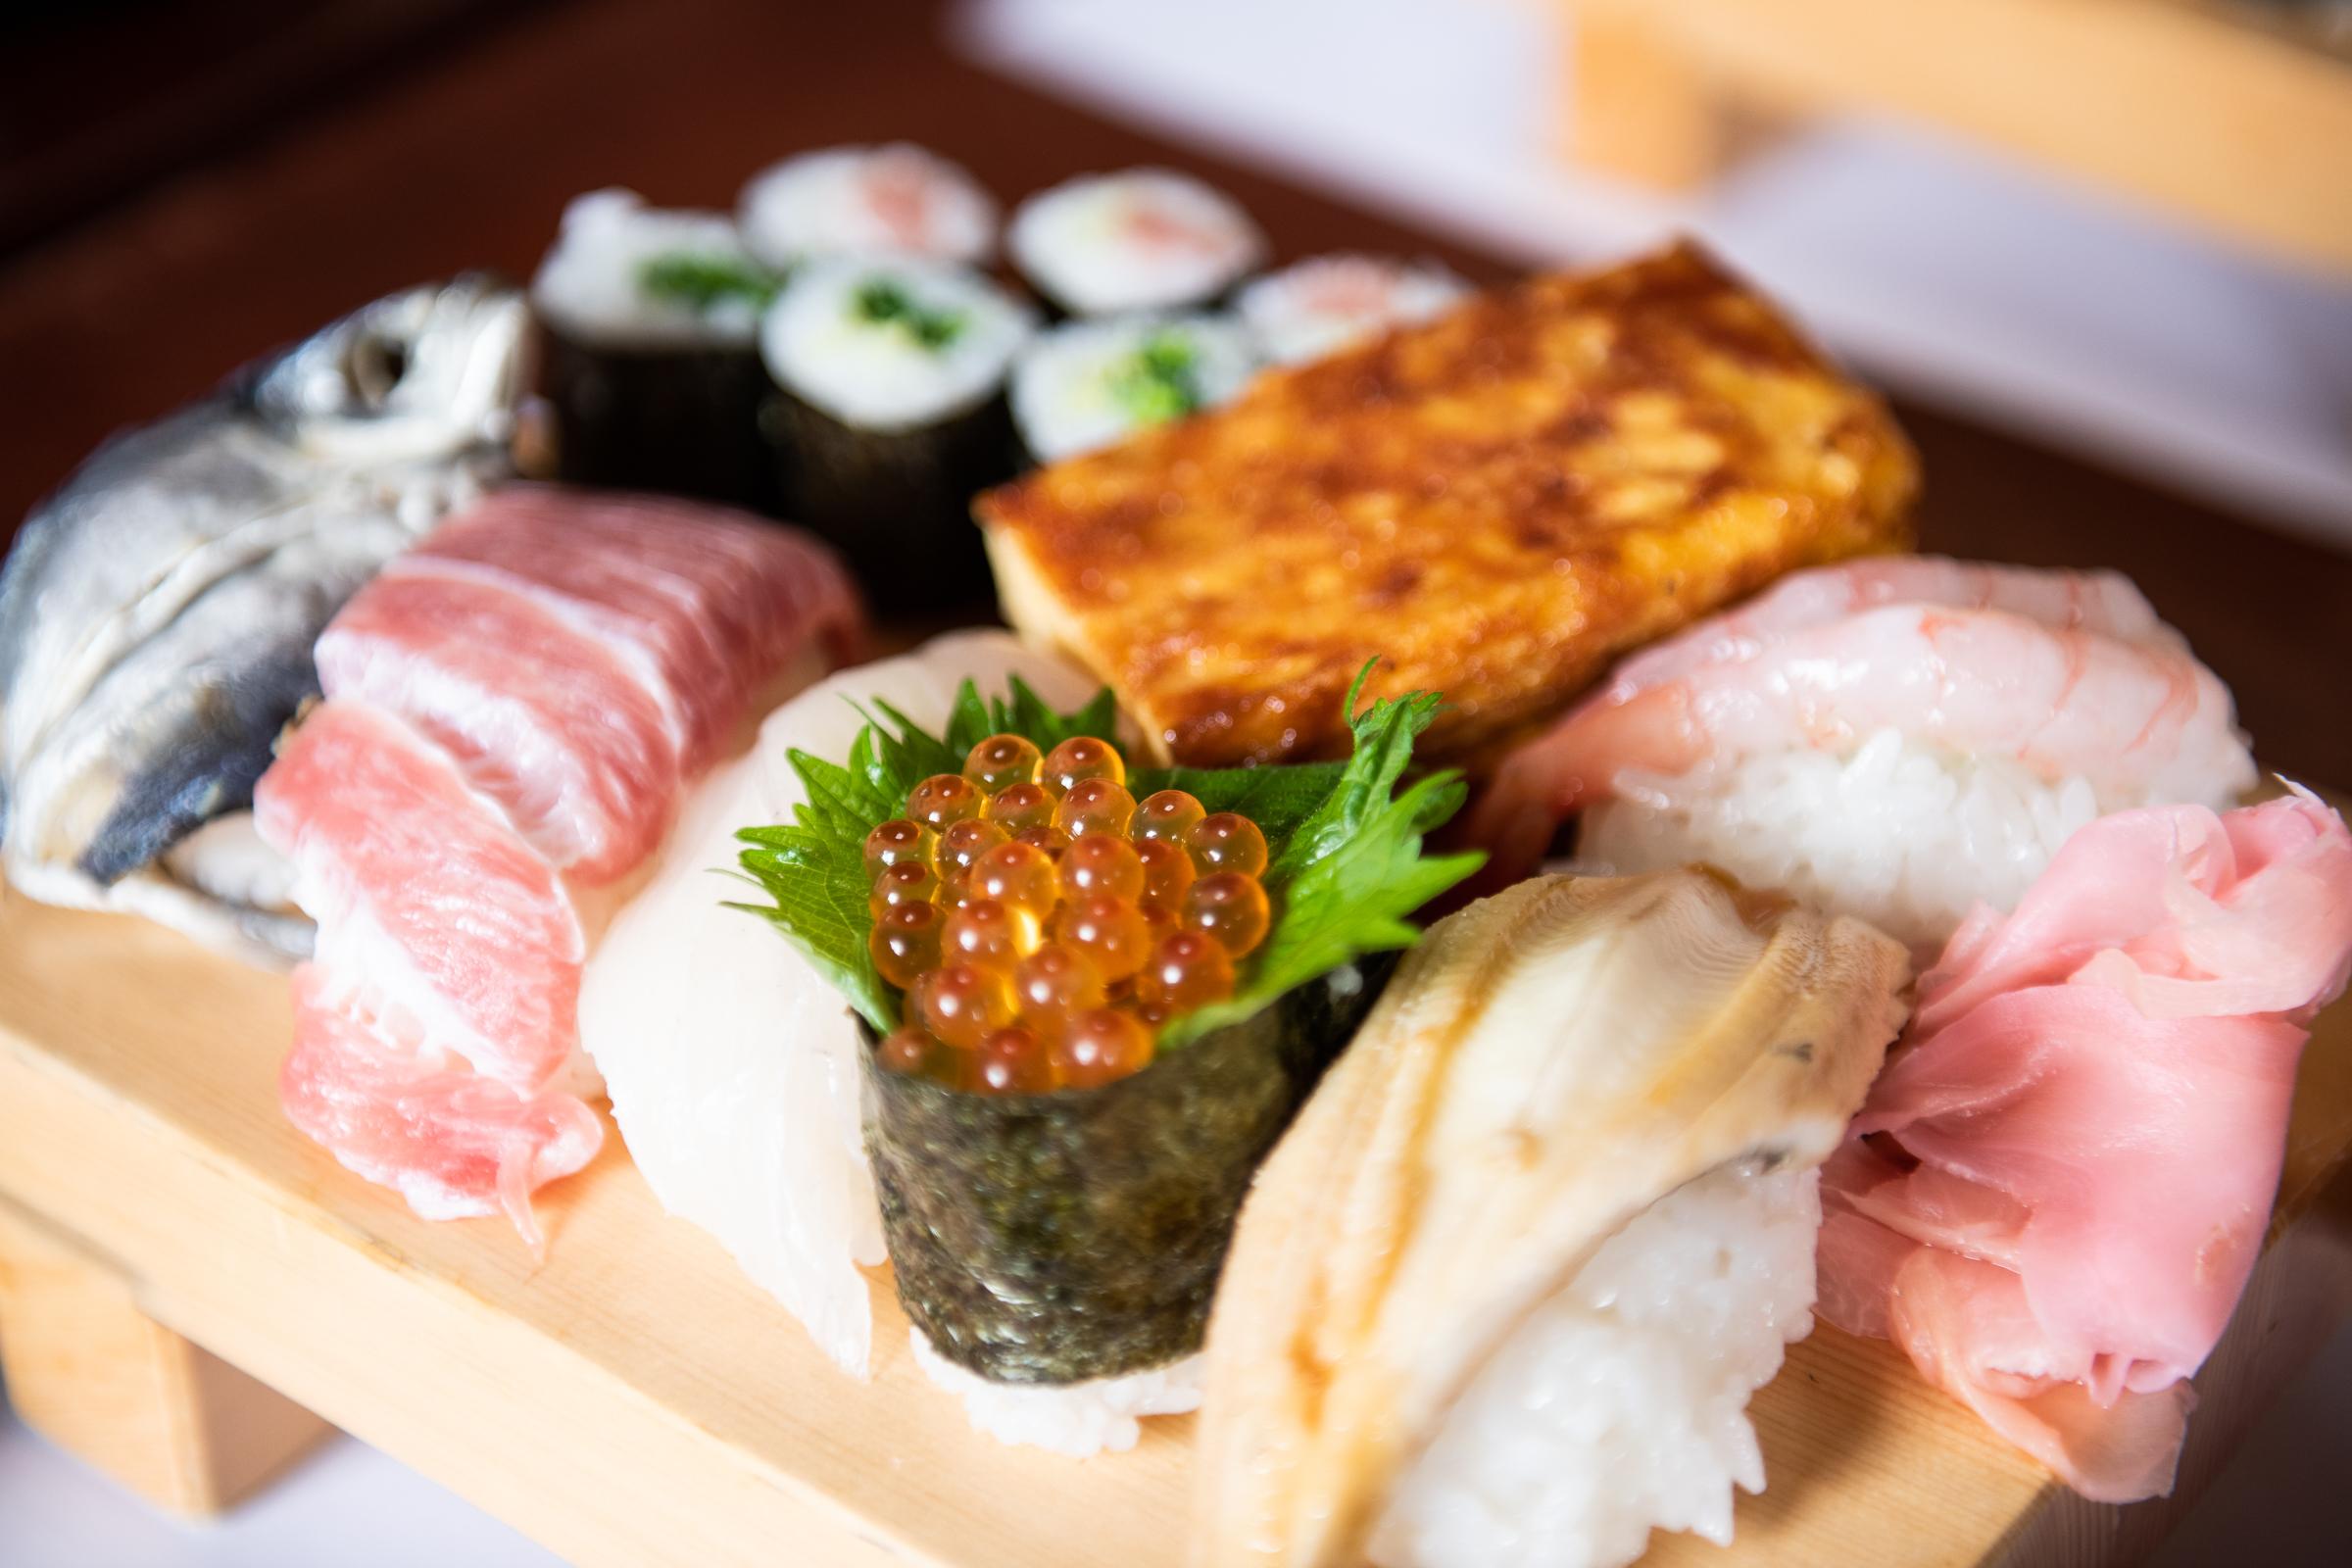 미나미보소에서 8대째를 이어온 '모하치스시'의 먹음직스러운 초밥. 그러나 초밥 하나가 주먹만큼 크다는 게 함정.